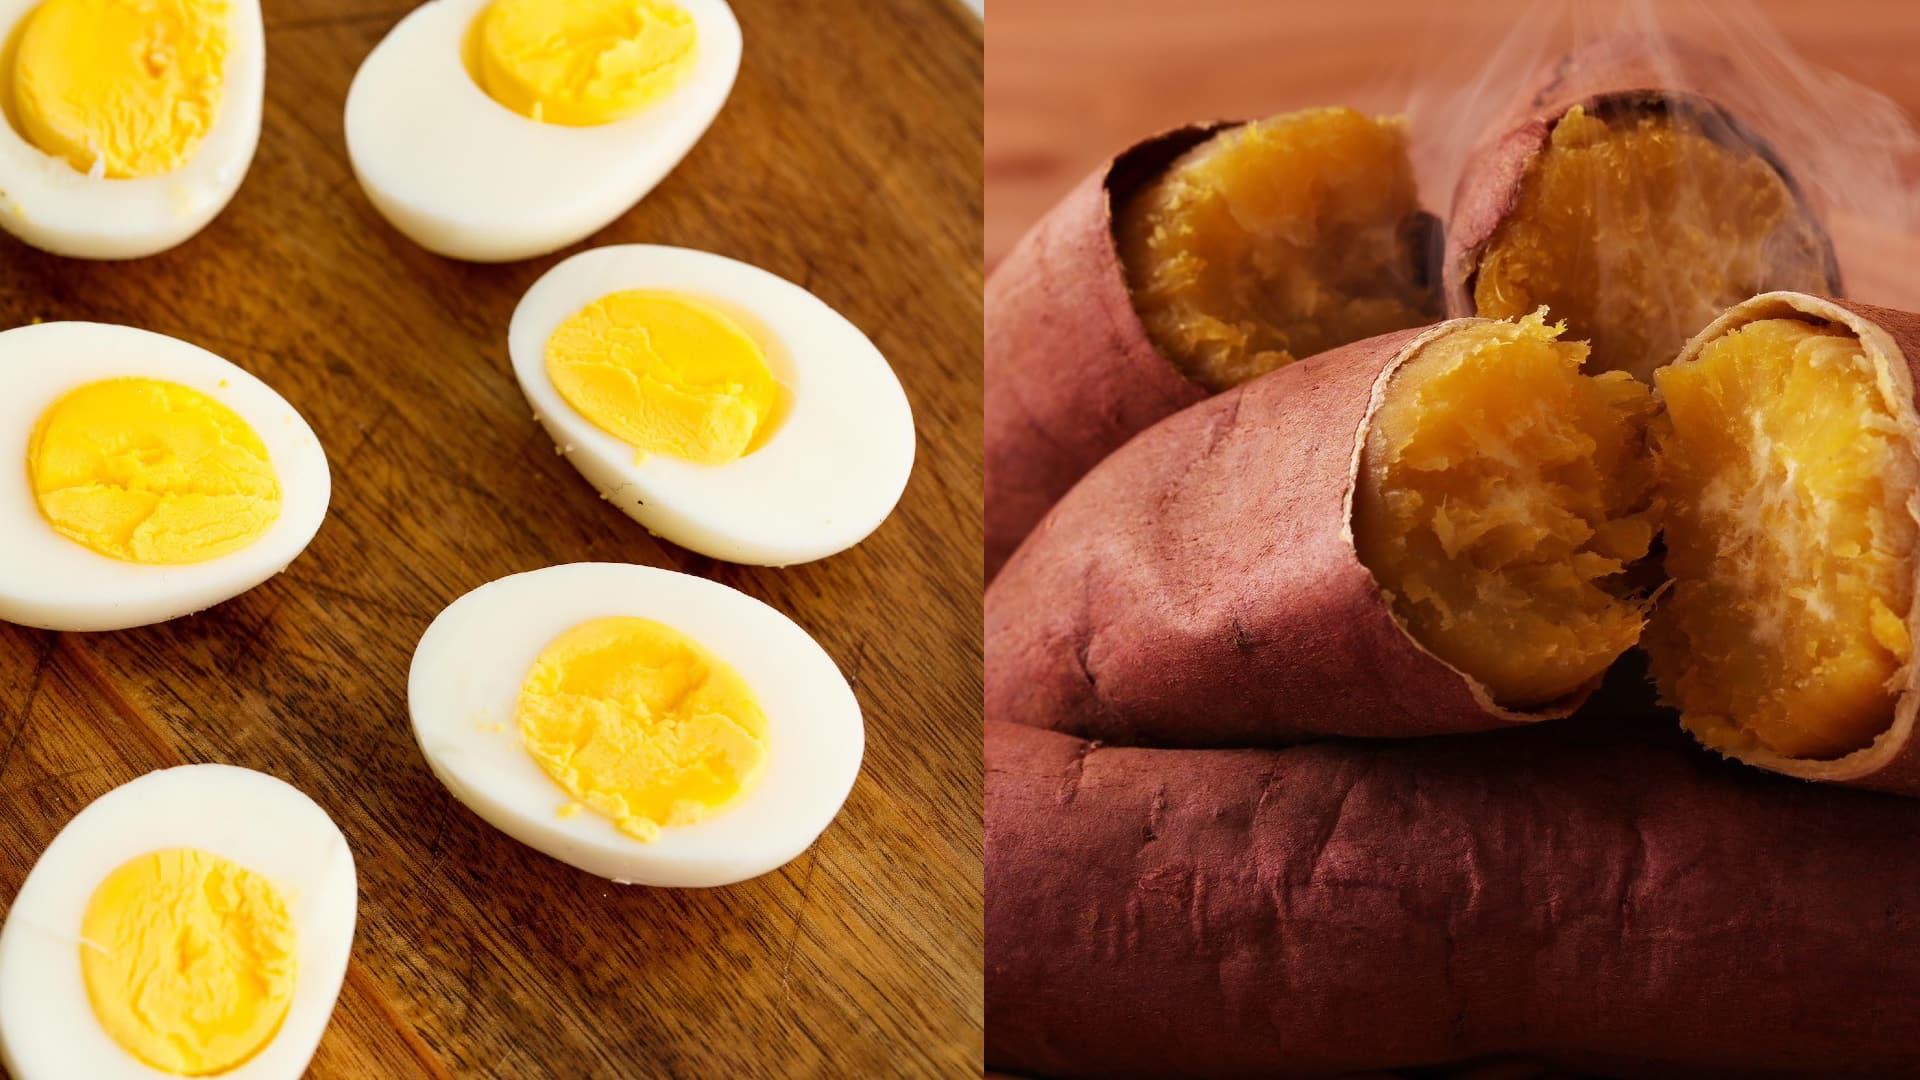 Thực đơn giảm cân với trứng: Bí quyết ăn ngon vẫn có dáng gọn, eo thon chị em nên biết - 3